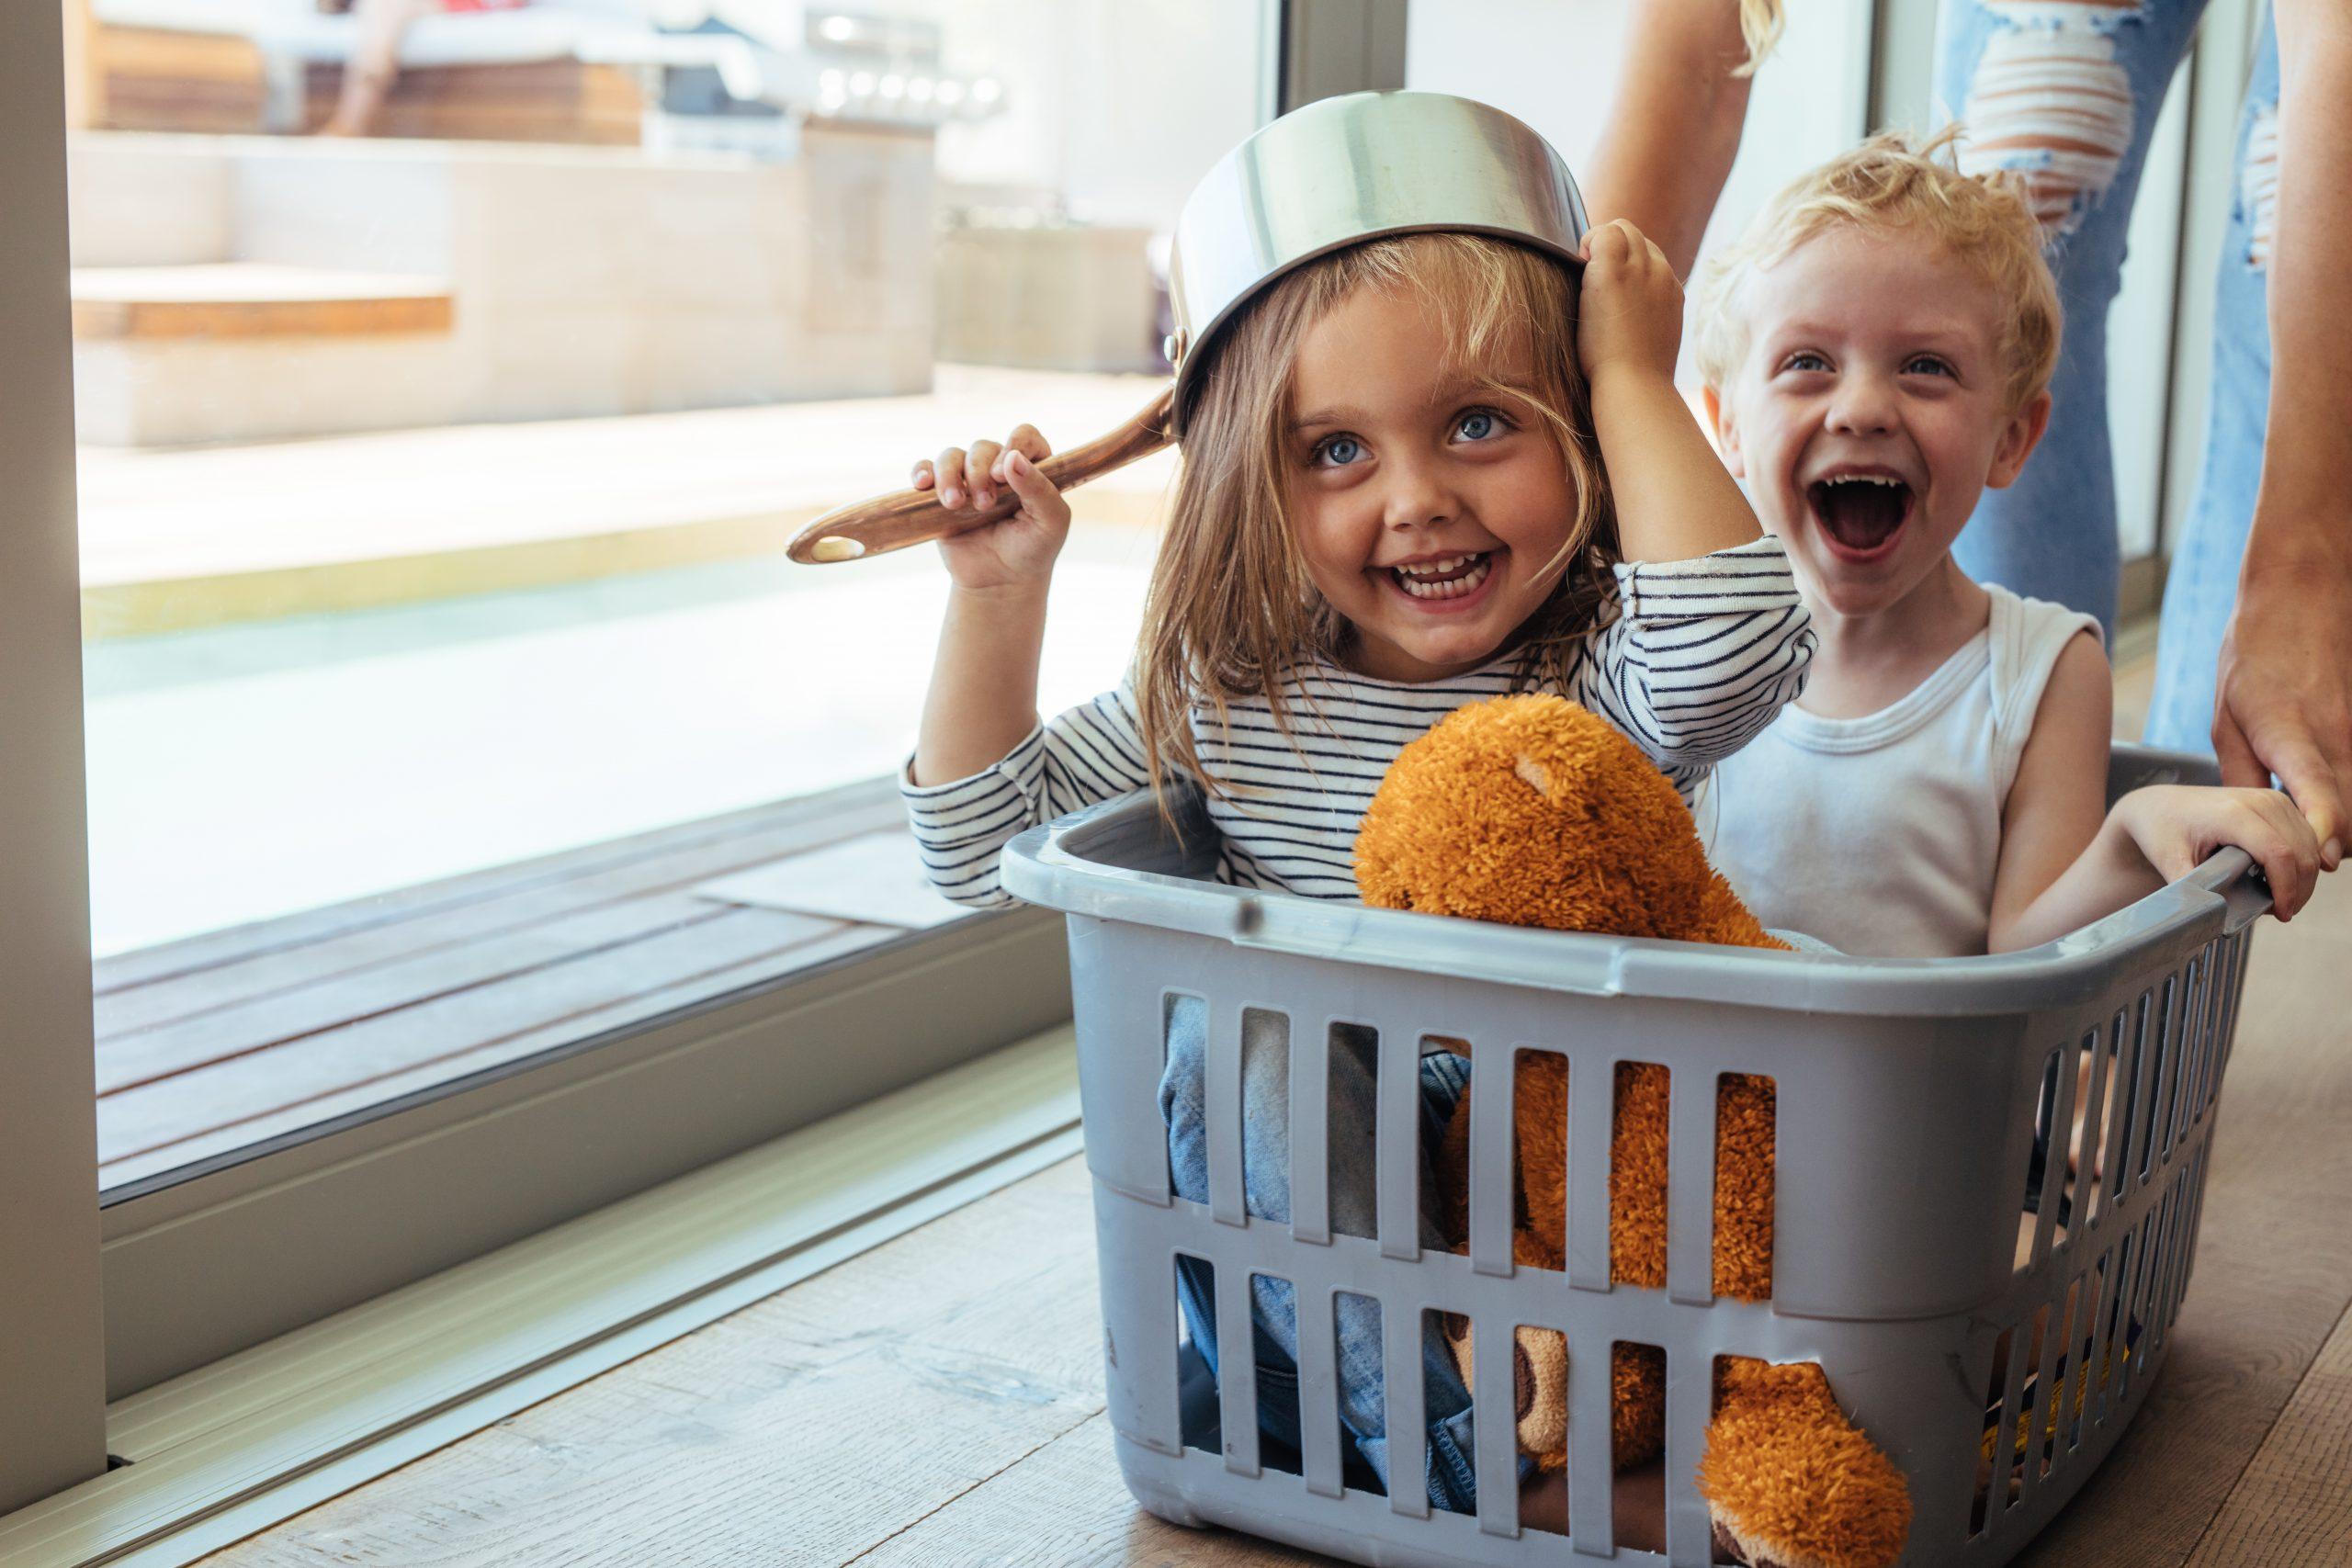 Kids at home having fun